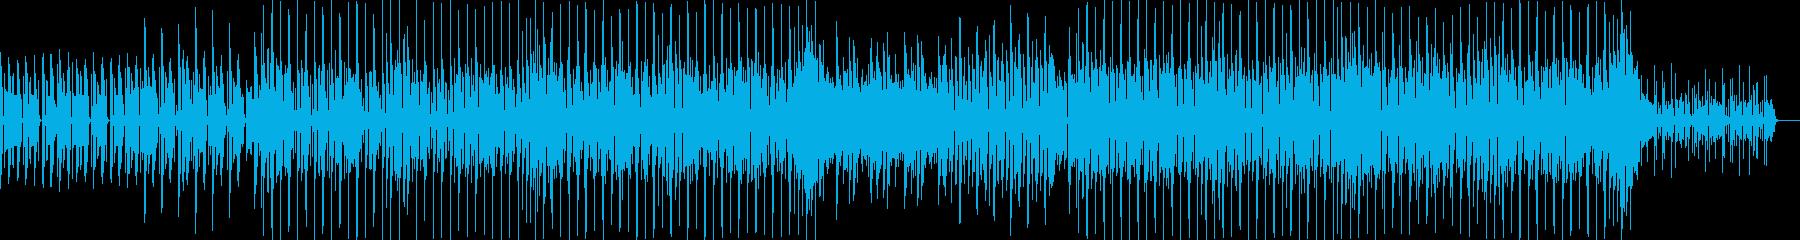 ノリノリで陽気なファンク/80sディスコの再生済みの波形